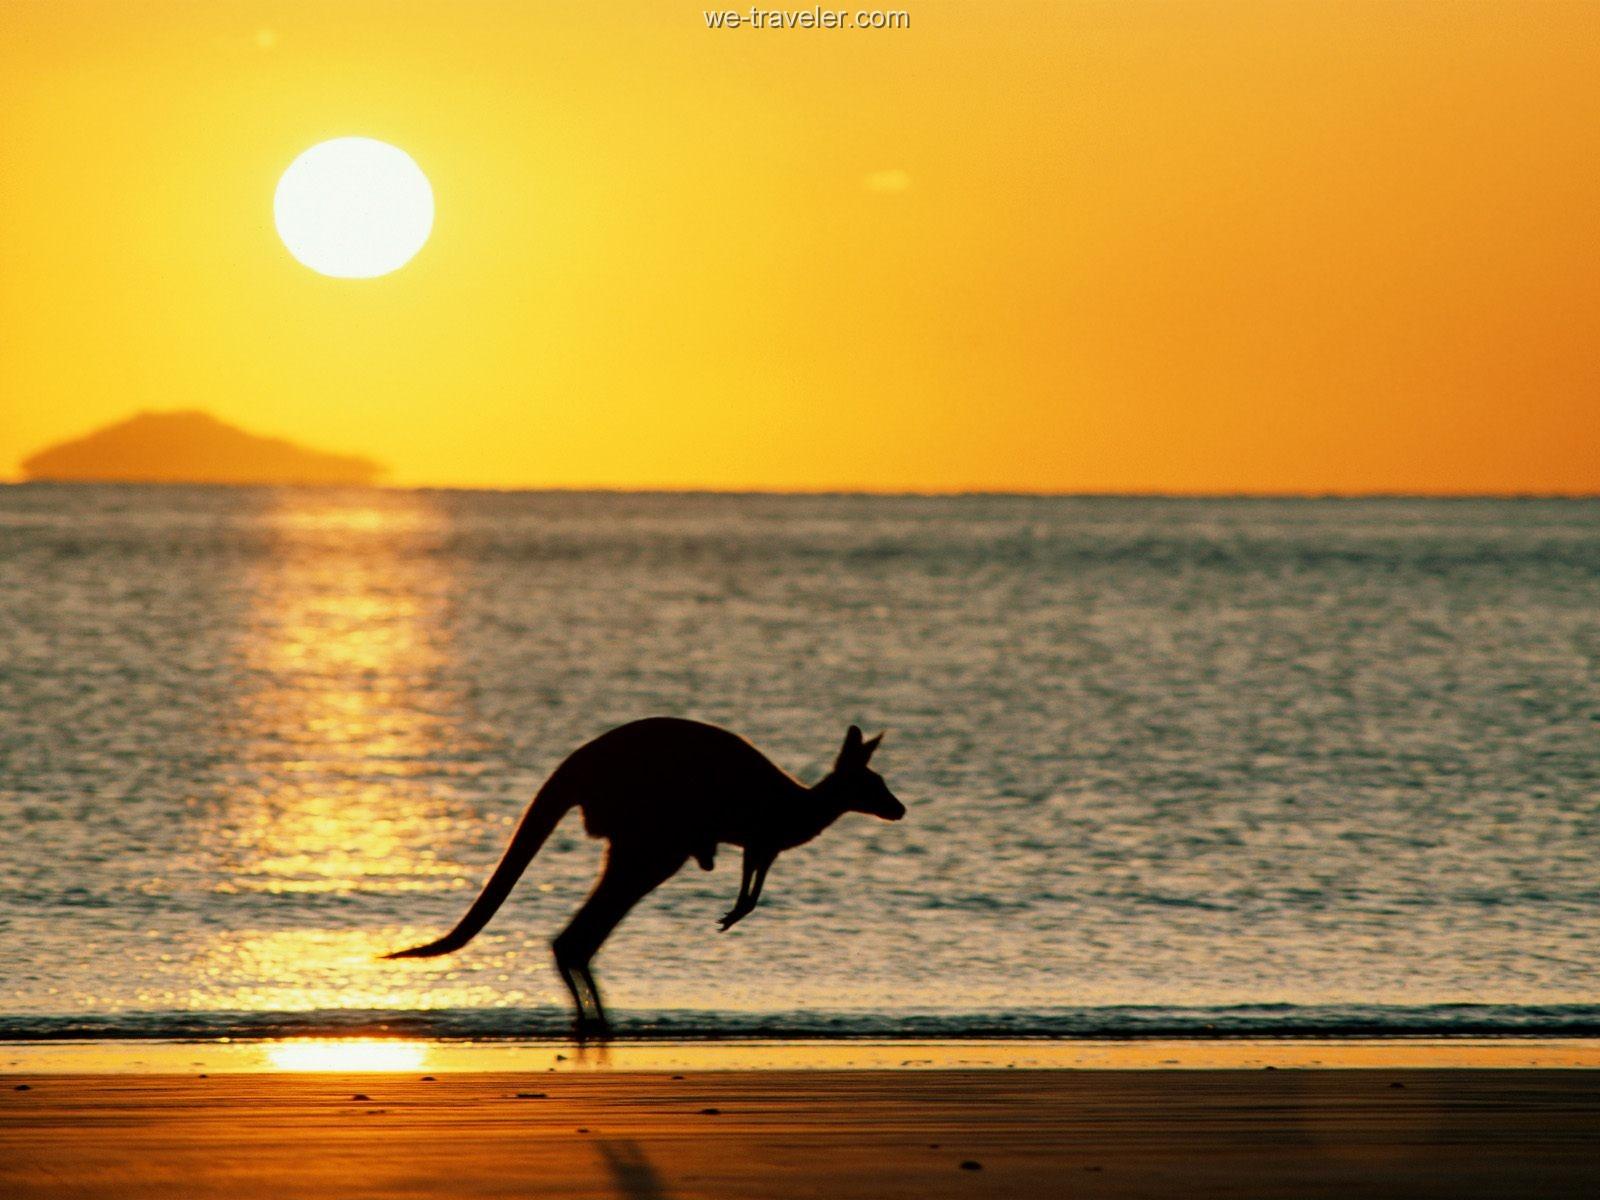 Australia - consumer